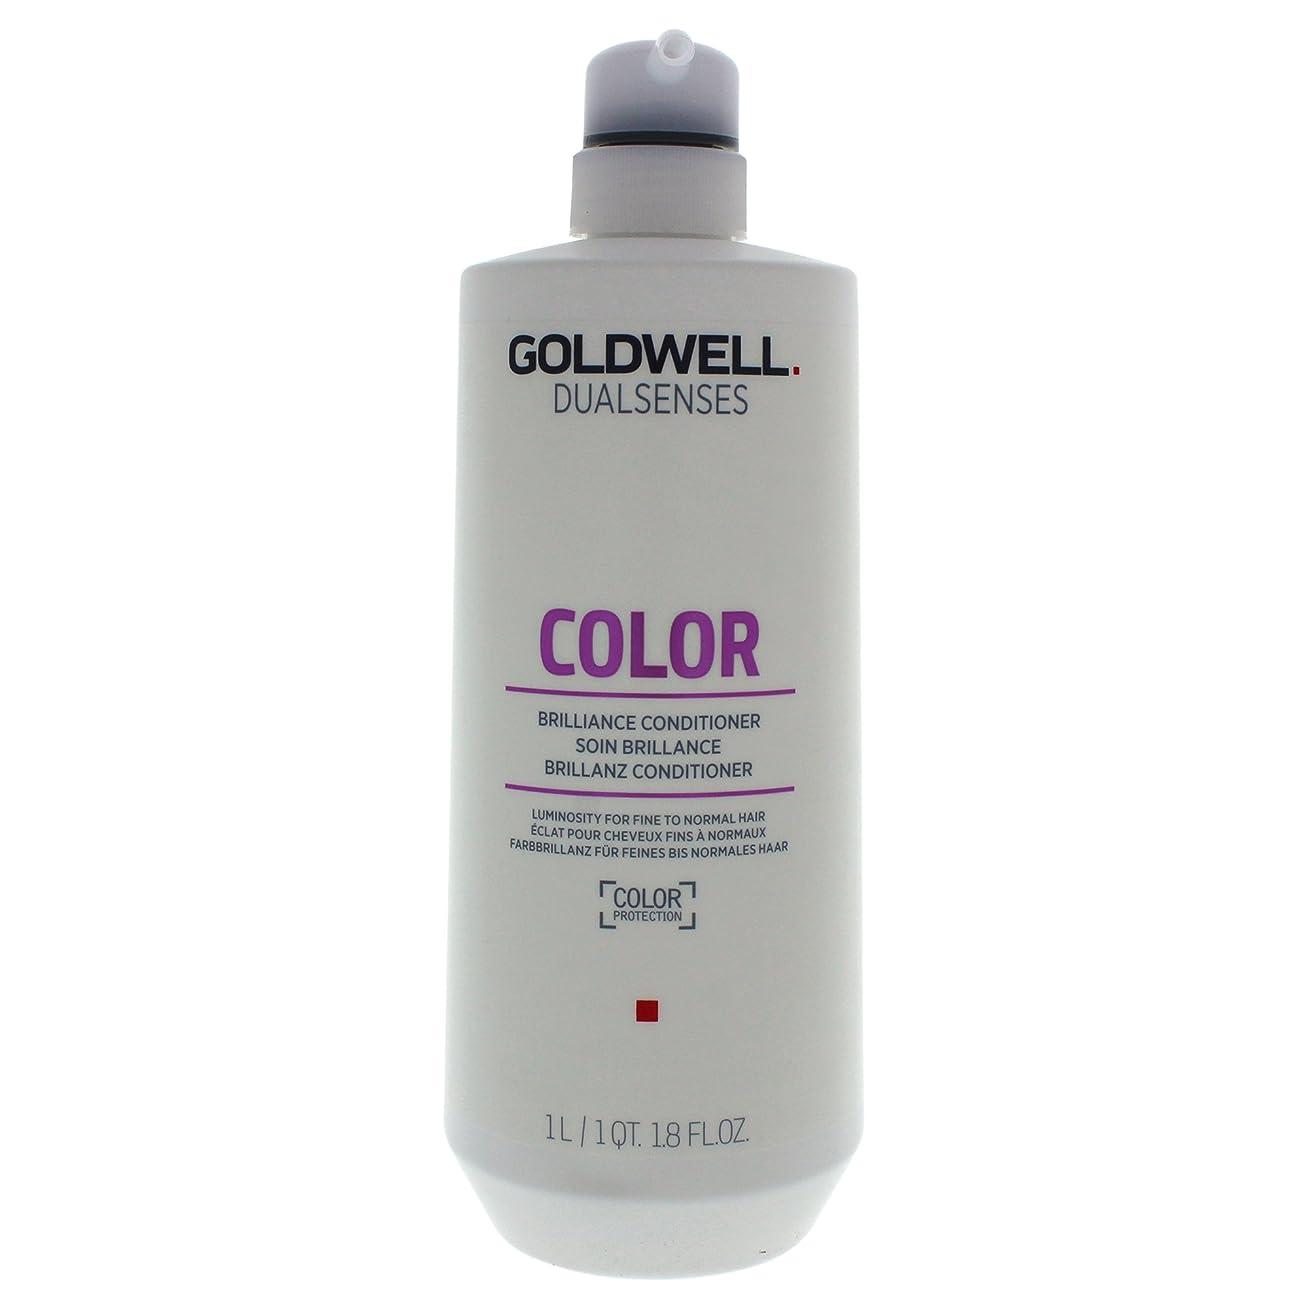 動揺させる大混乱クレアゴールドウェル Dual Senses Color Brilliance Conditioner (Luminosity For Fine to Normal Hair) 1000ml